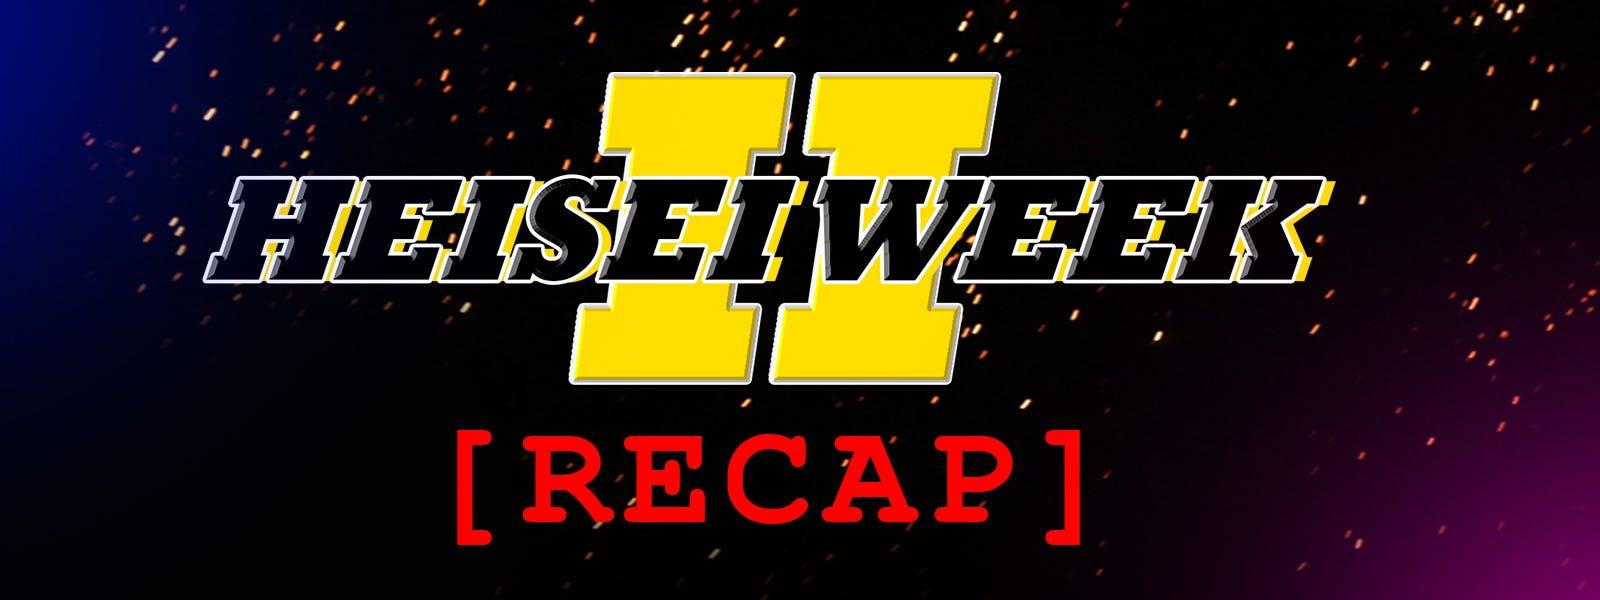 Heisei Week 2 Recap